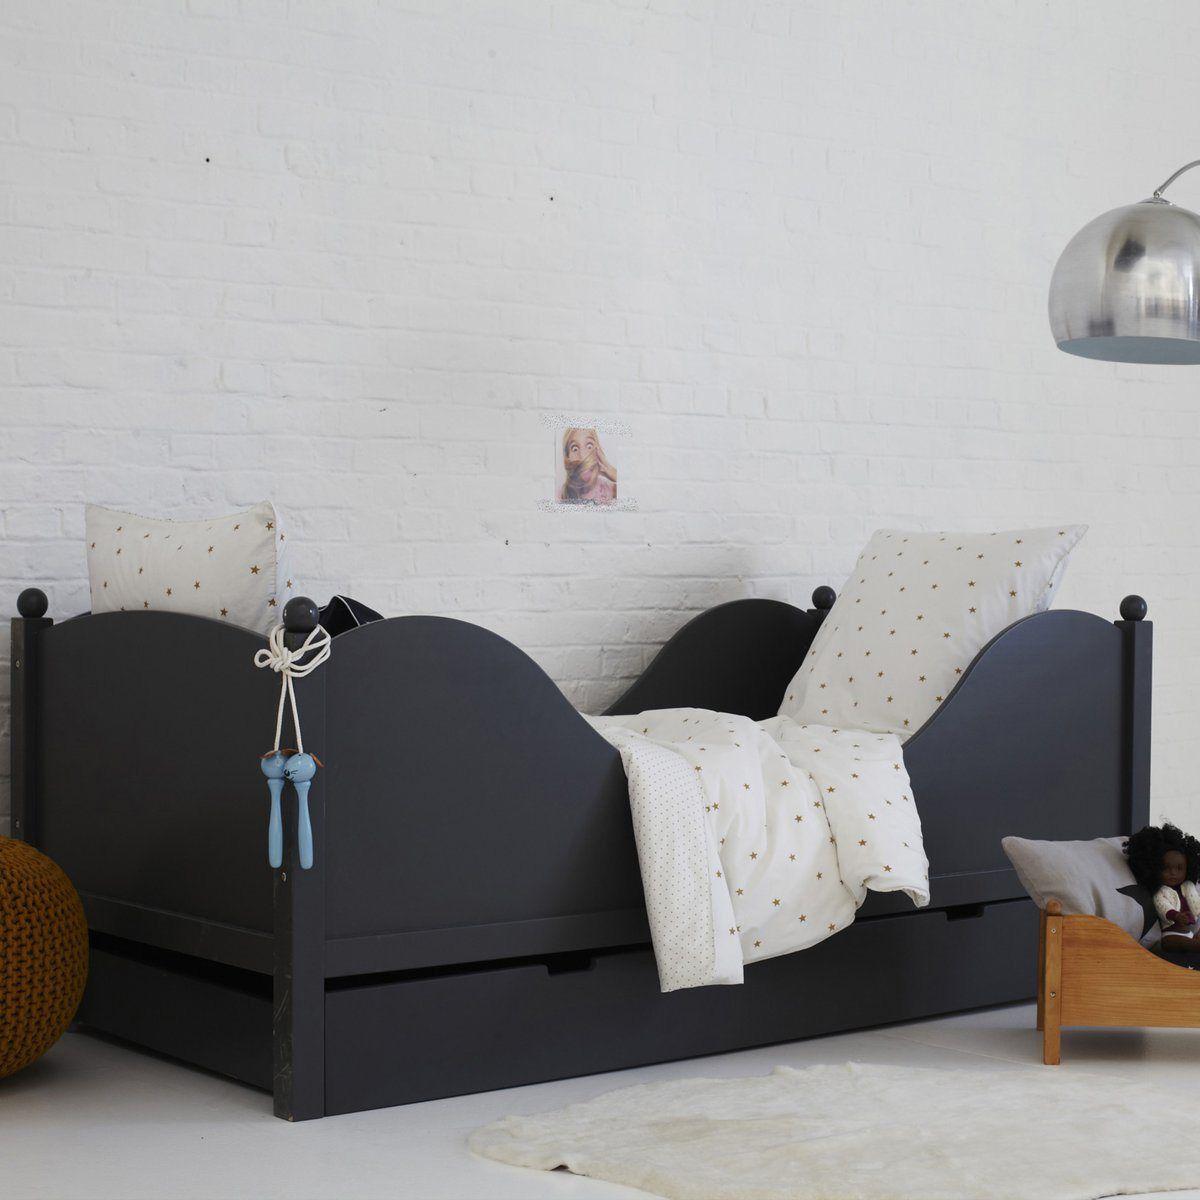 ampm lit. Black Bedroom Furniture Sets. Home Design Ideas